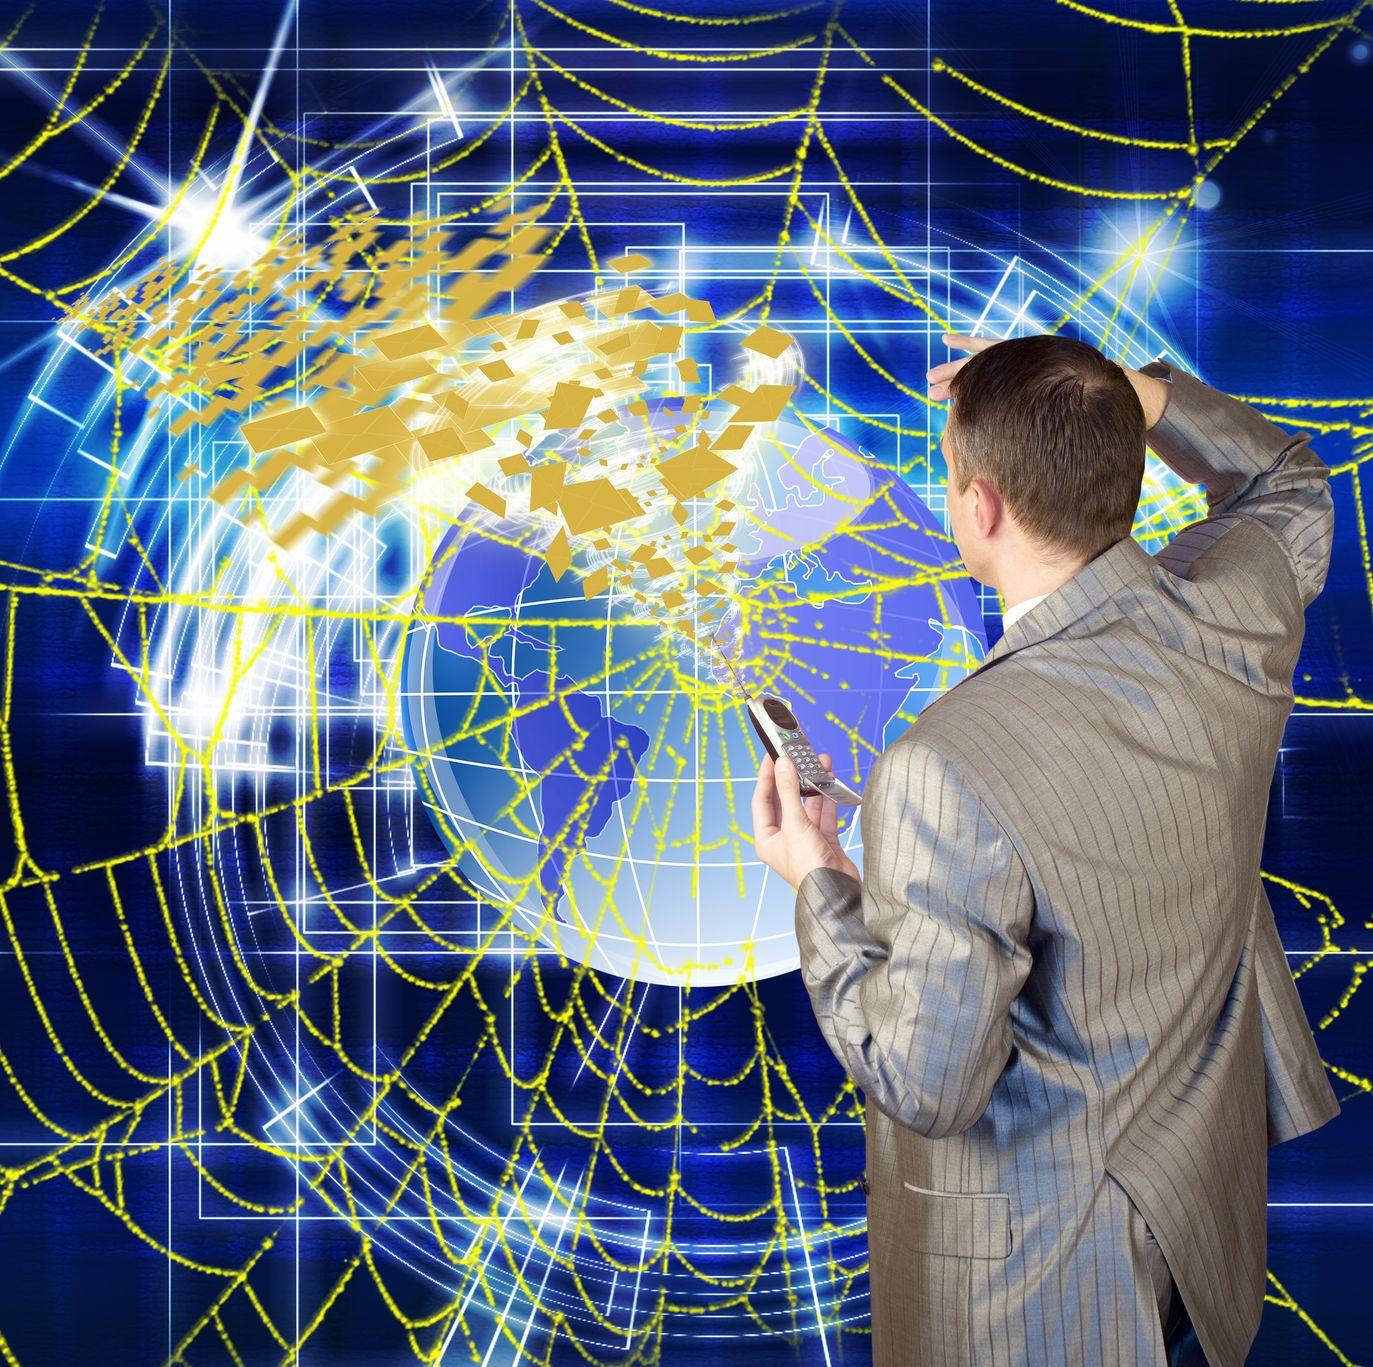 sprider-web-businessman